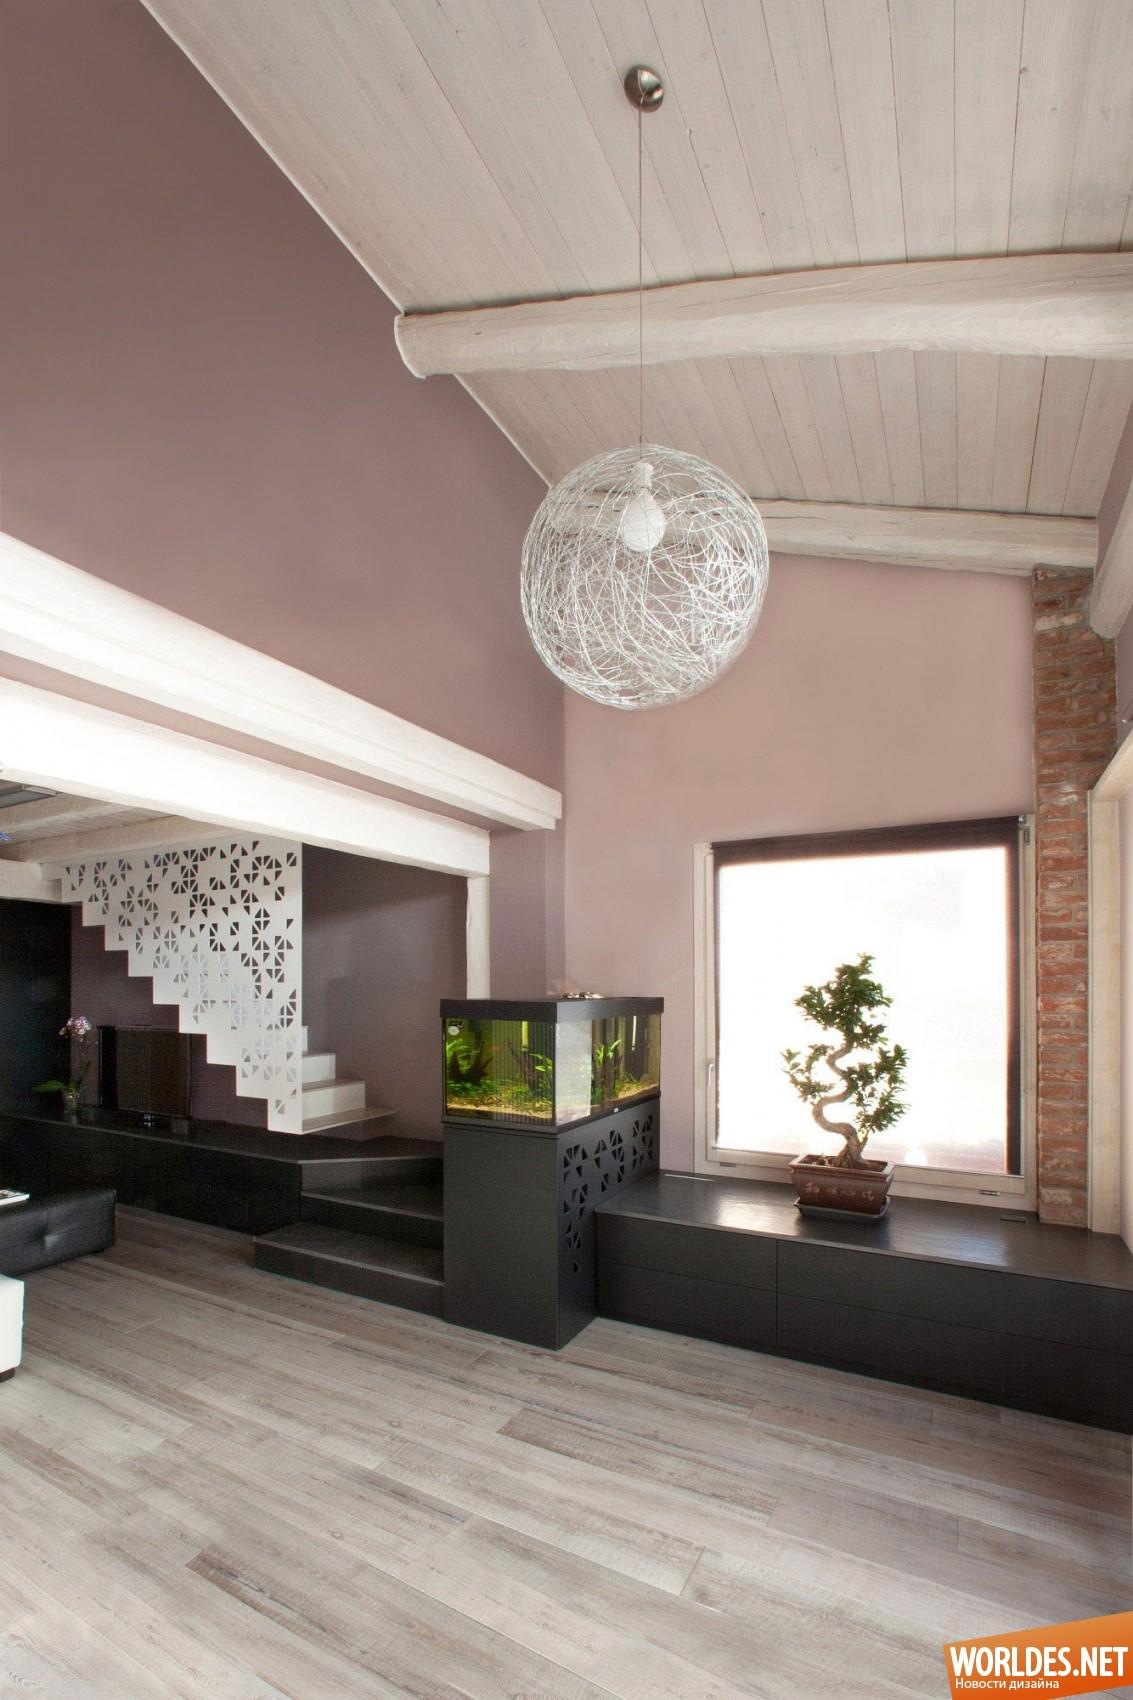 Стены цвета какао с молоком в интерьере фото